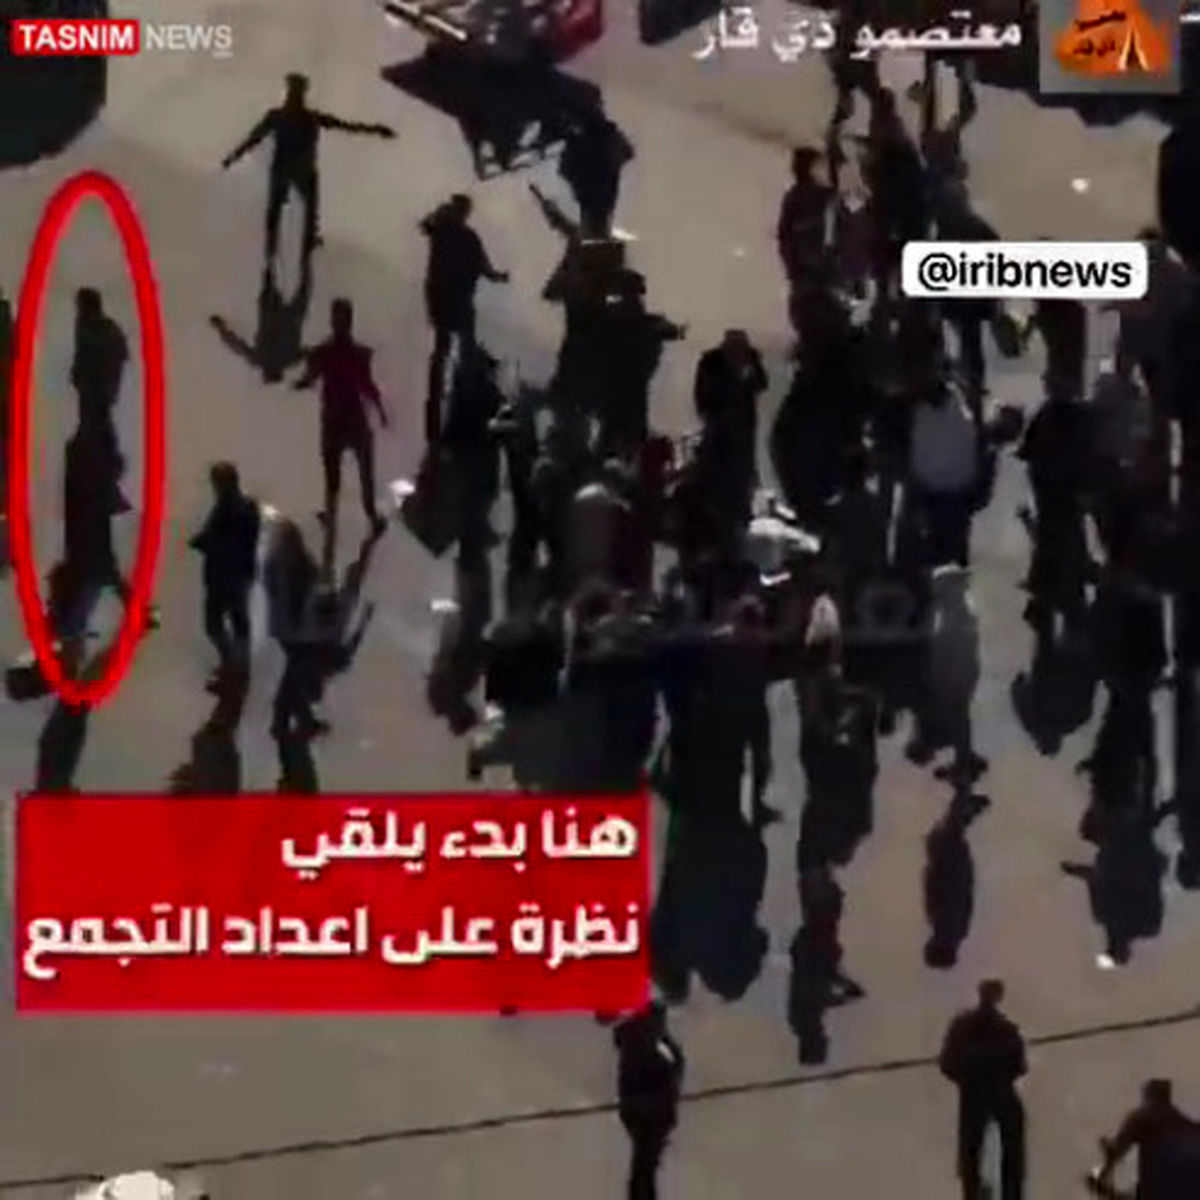 تصویری از لحظه انفجار تروریستی دوم در بغداد